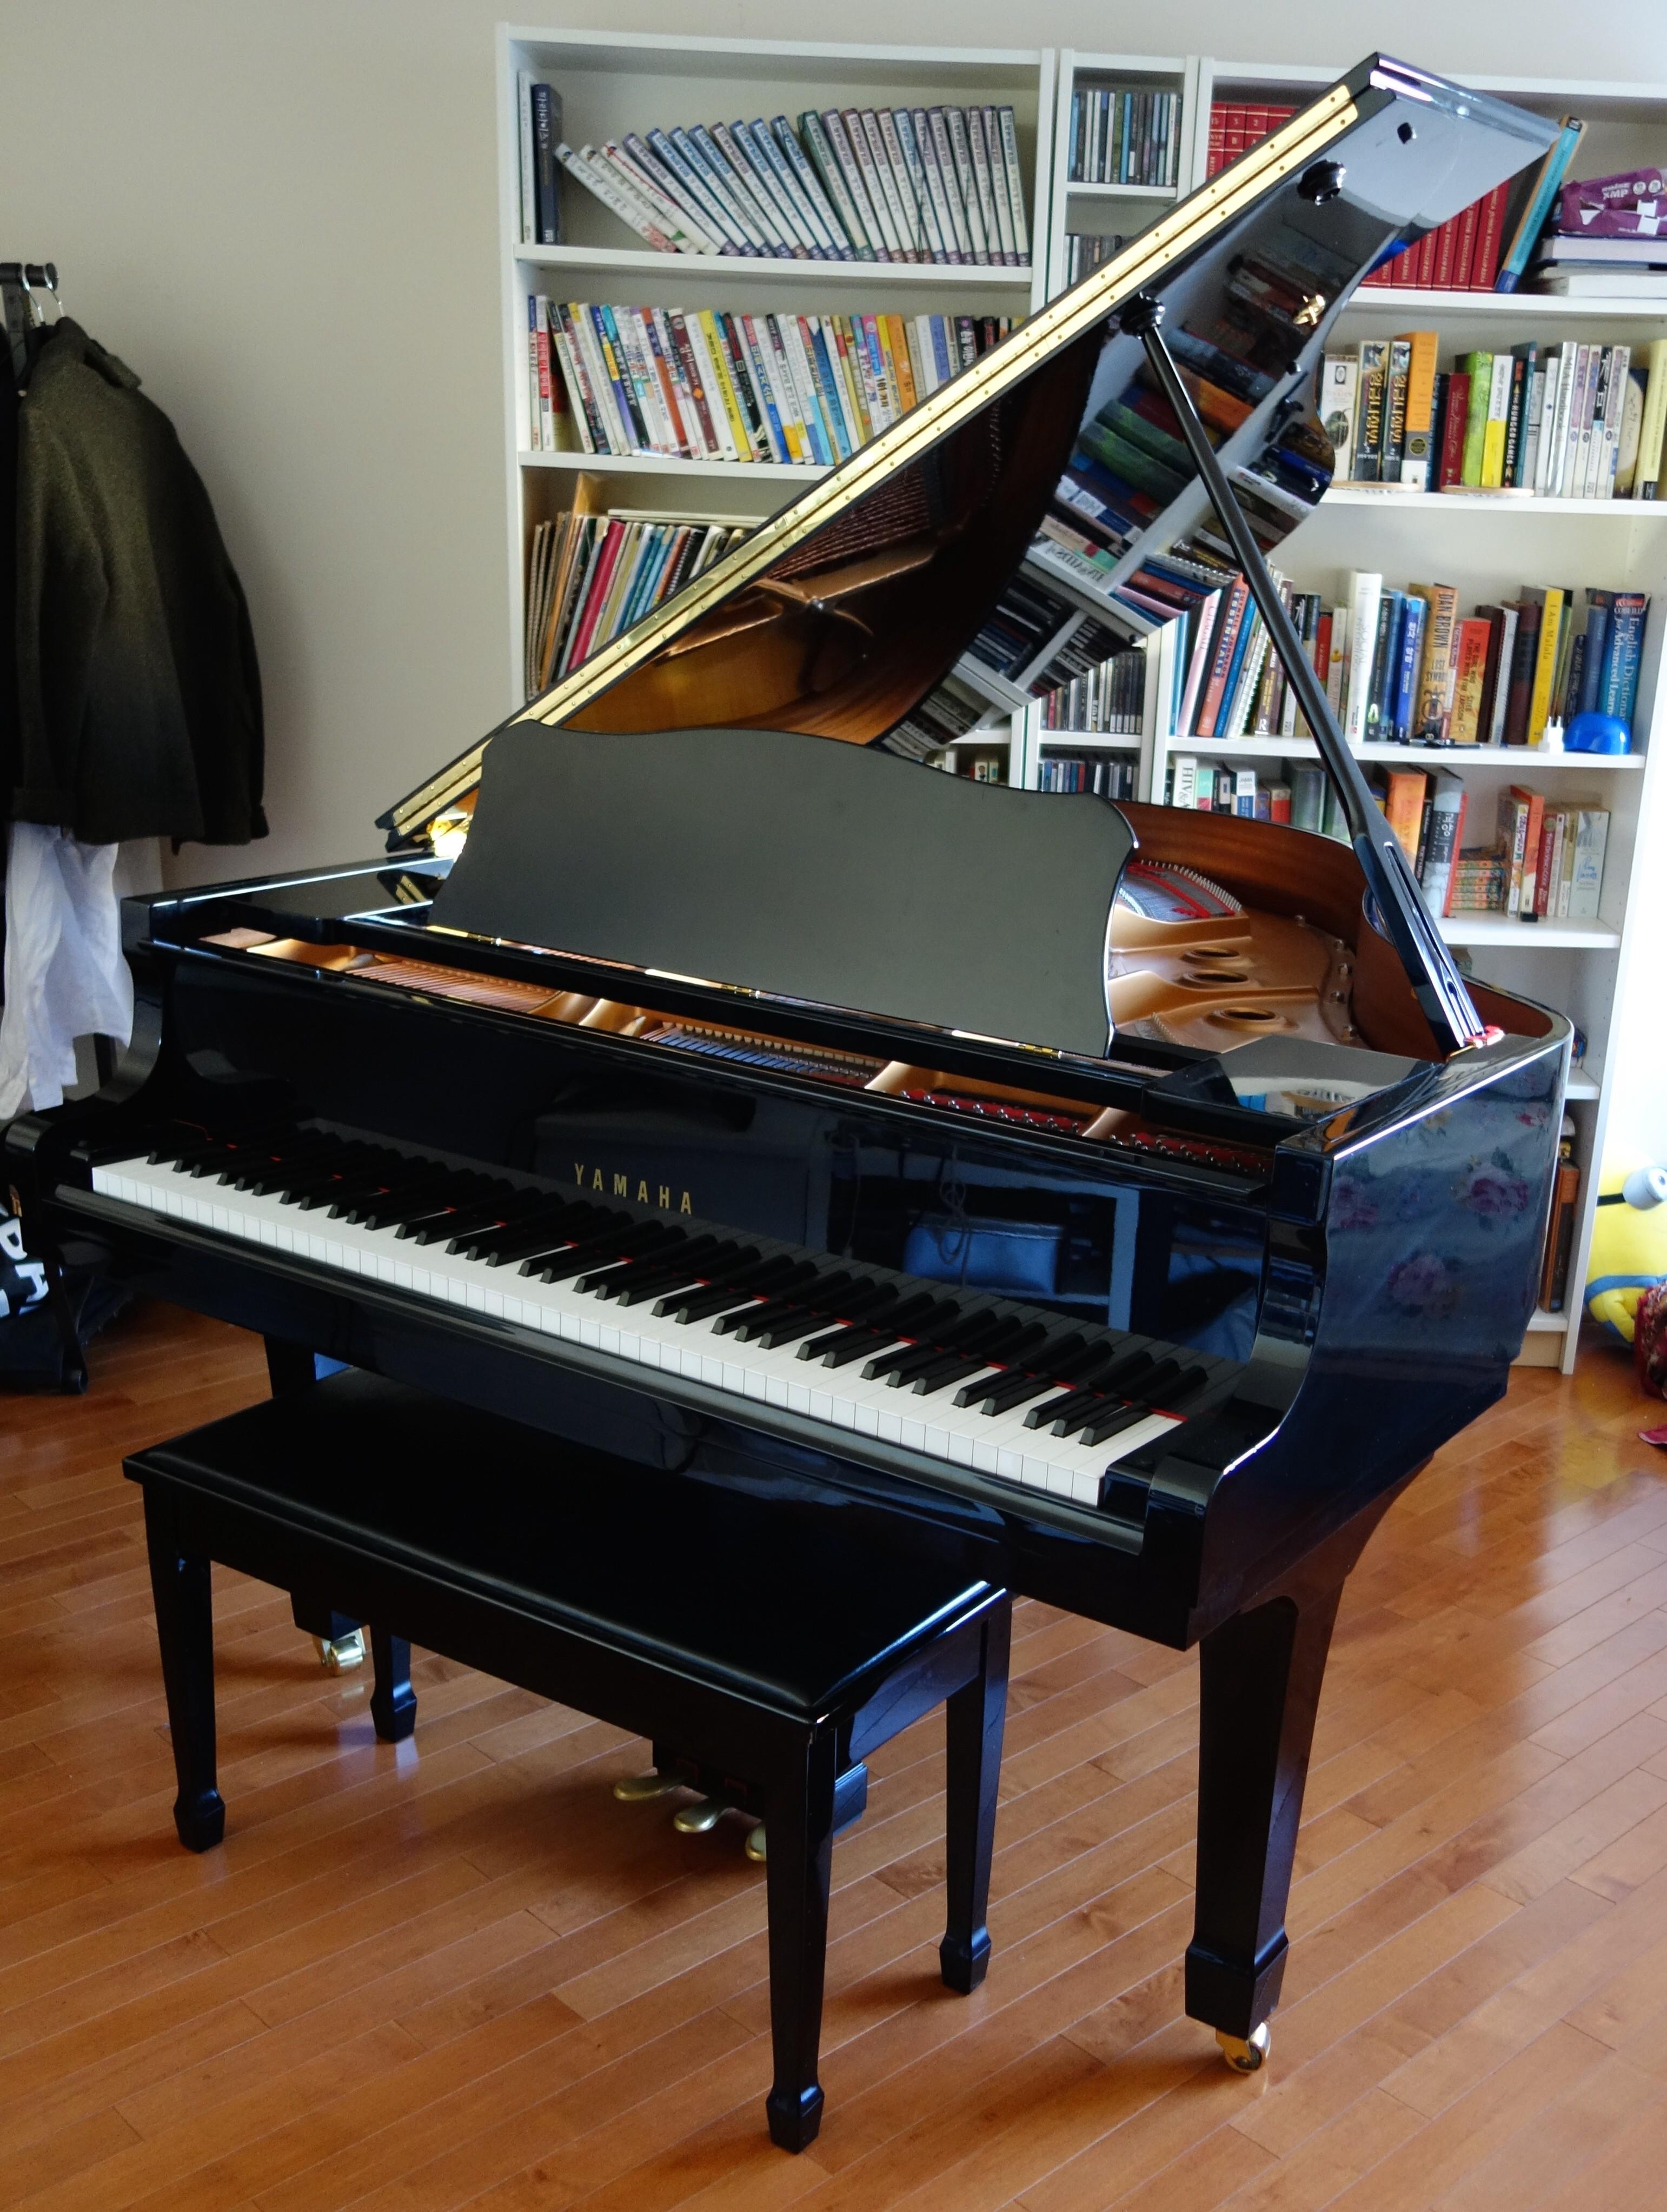 2002 yamaha c2 grand piano for sale toronto for Yamaha c2 piano for sale